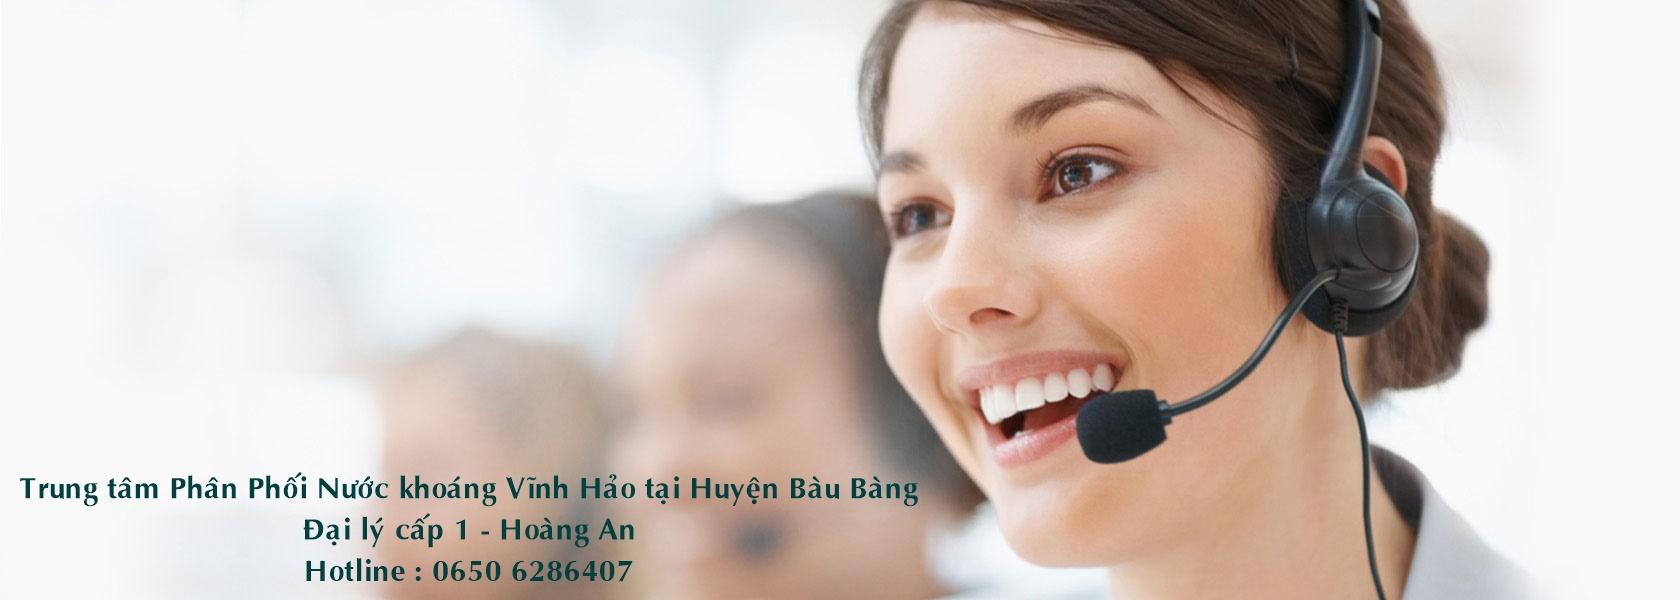 Nuoc-khoang-vinh-hao-tai-huyen-bau-bang